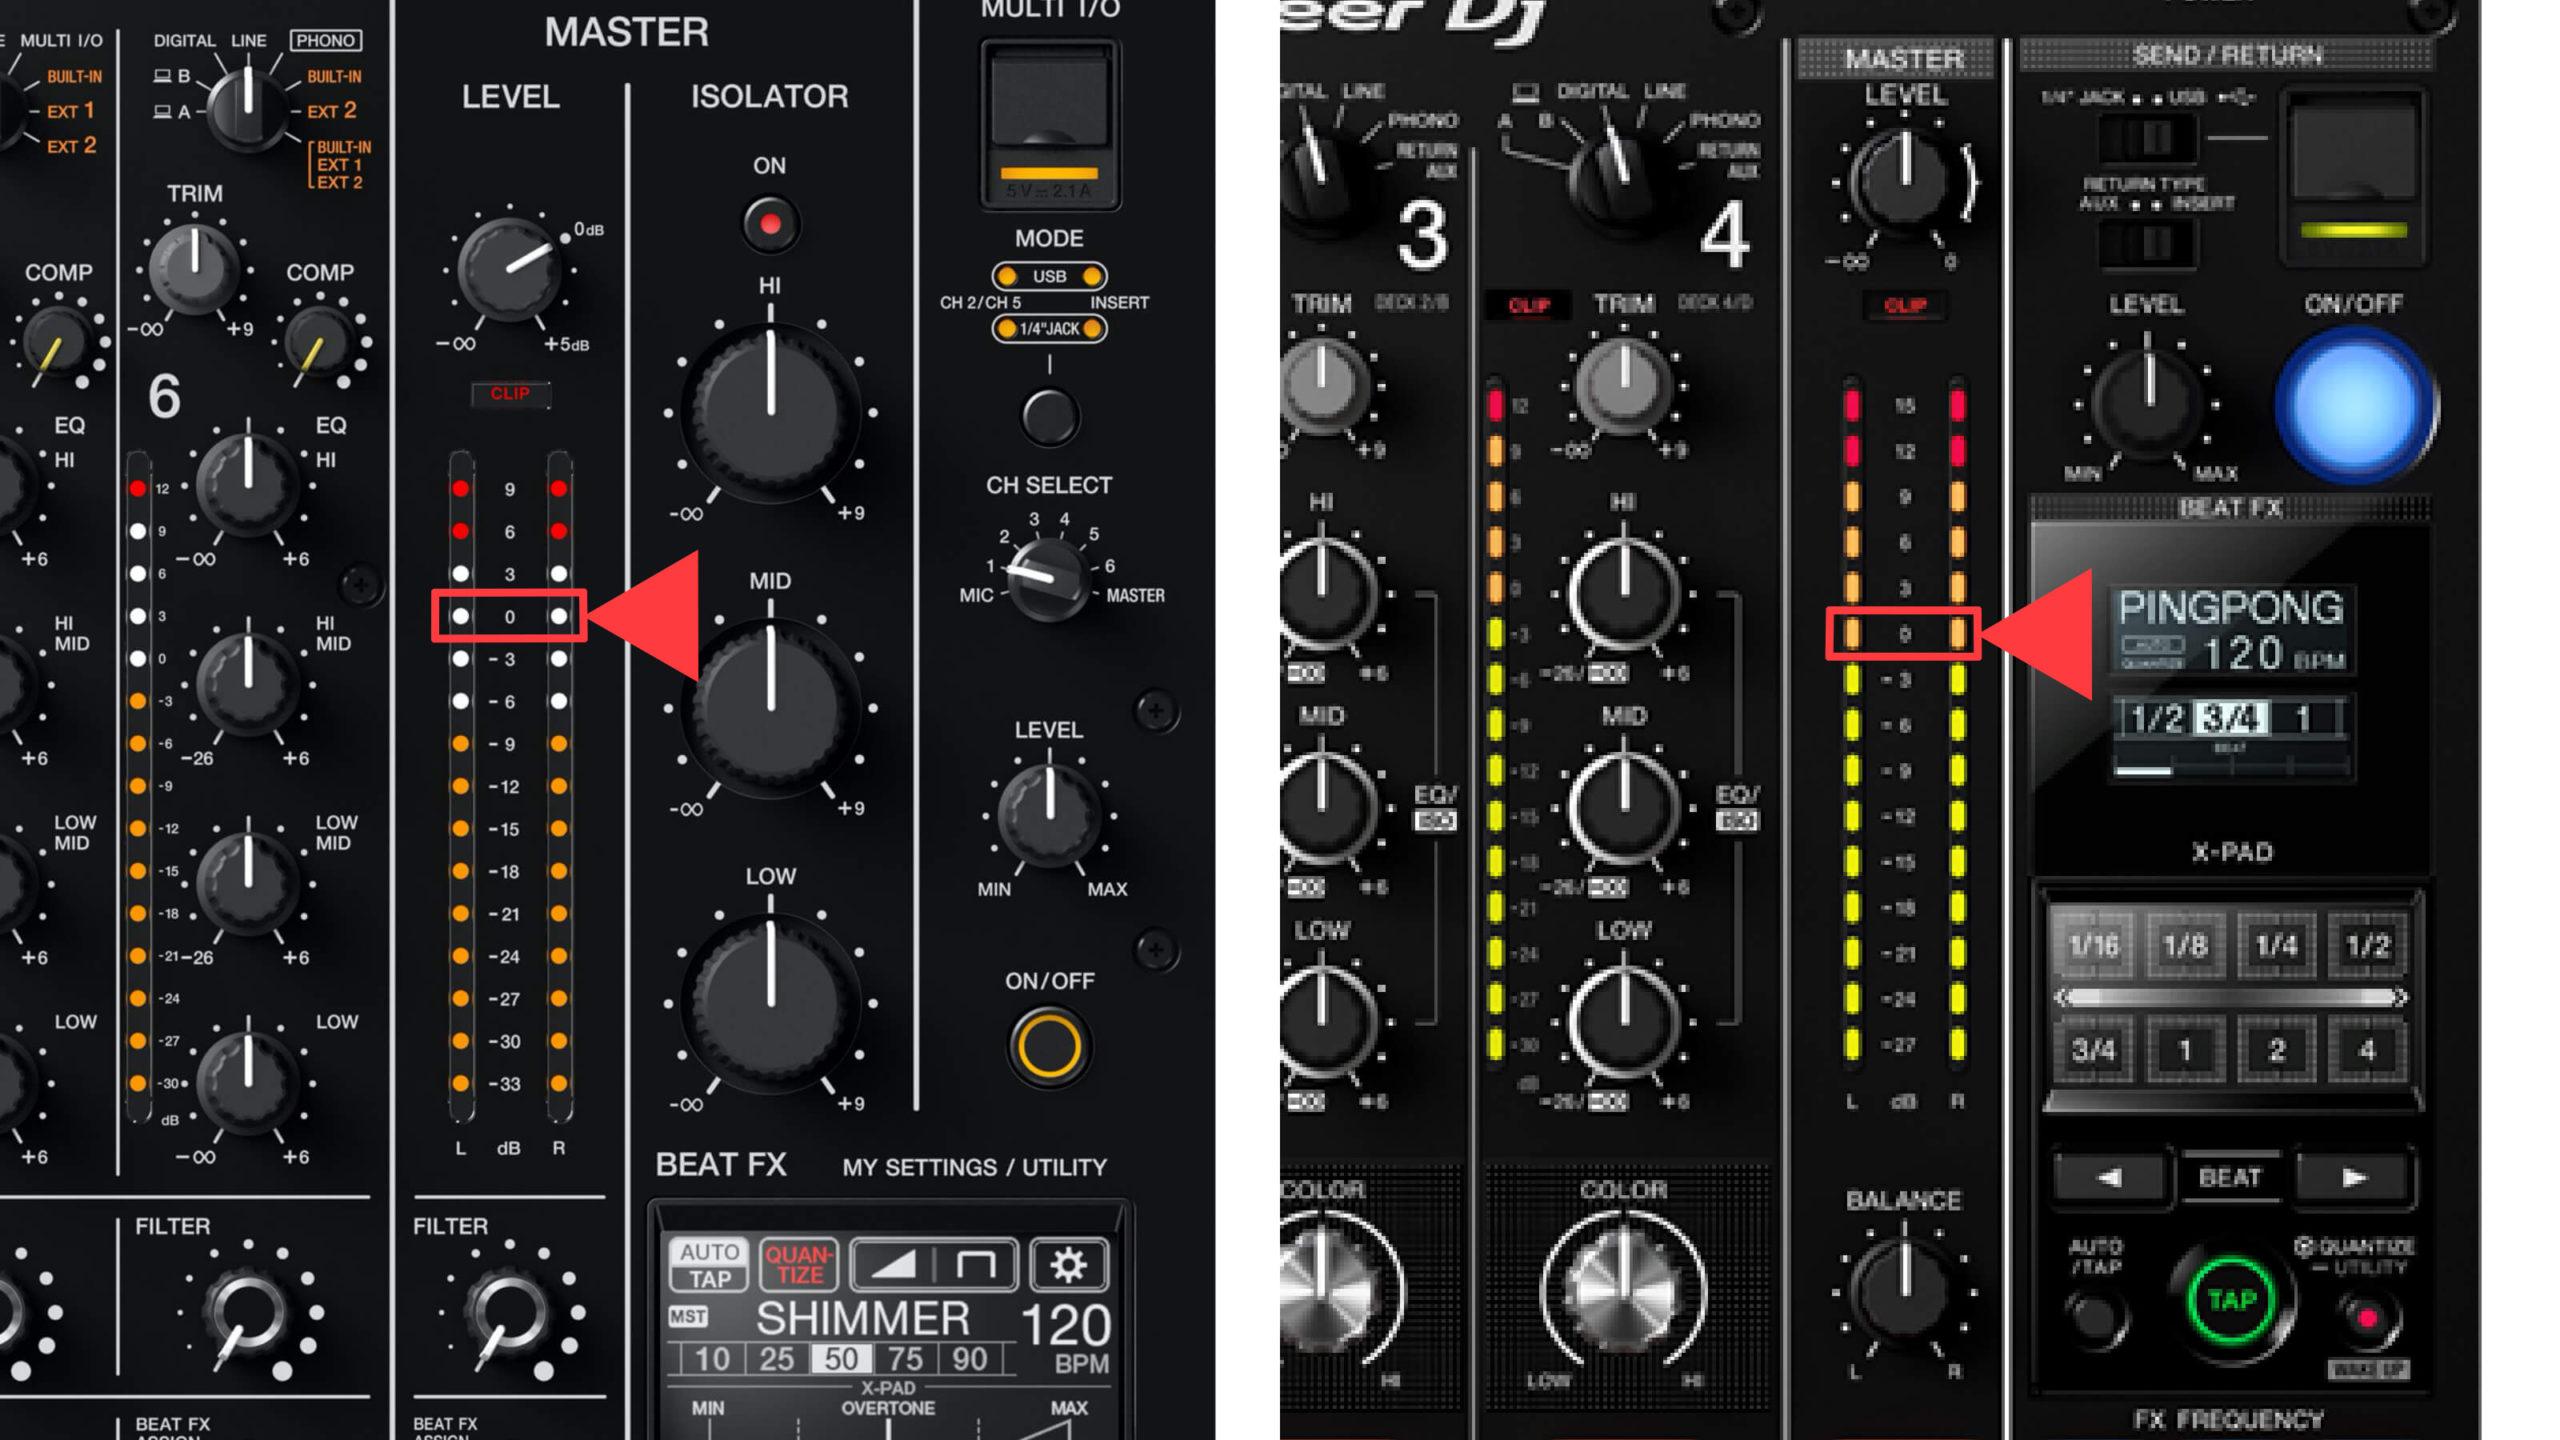 DJM-V10 & 900NXS2 MASTER LEVEL